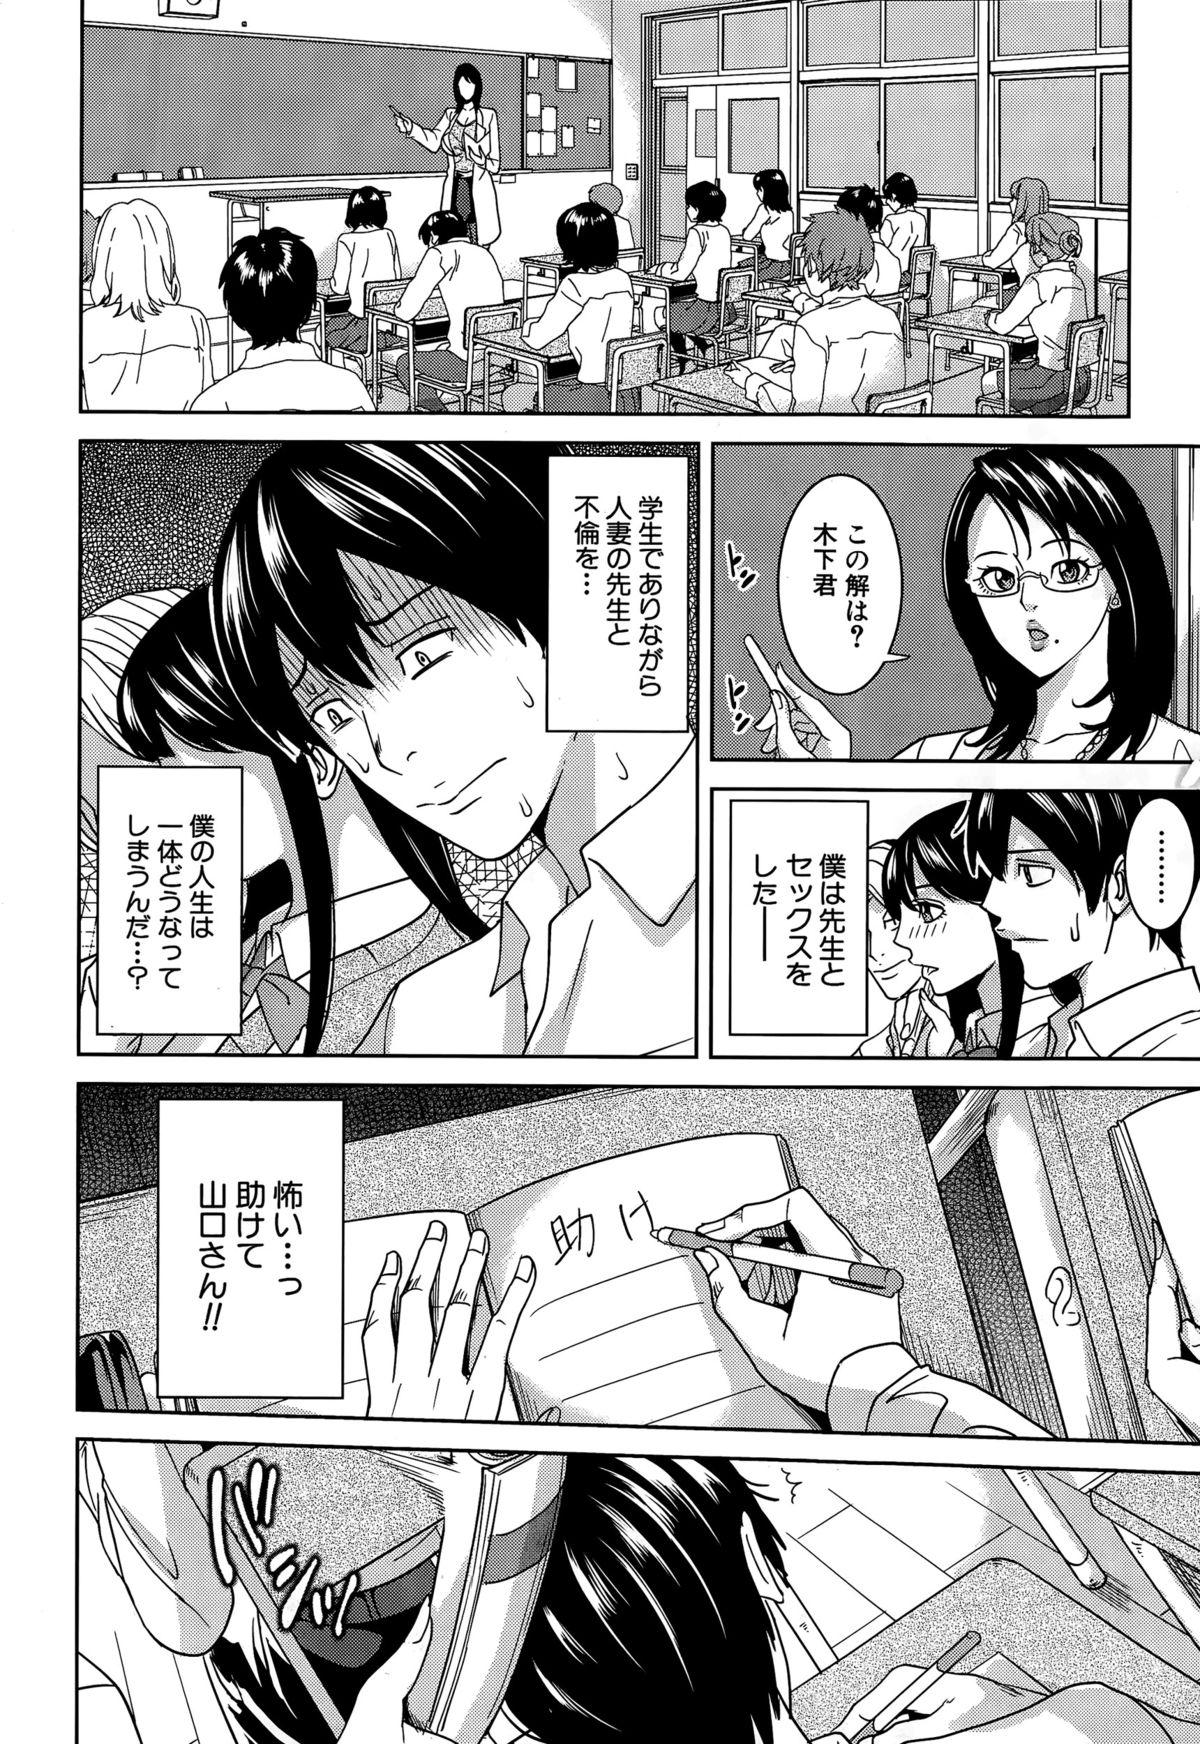 Kyouko Sensei to Boku no Himitsu 21